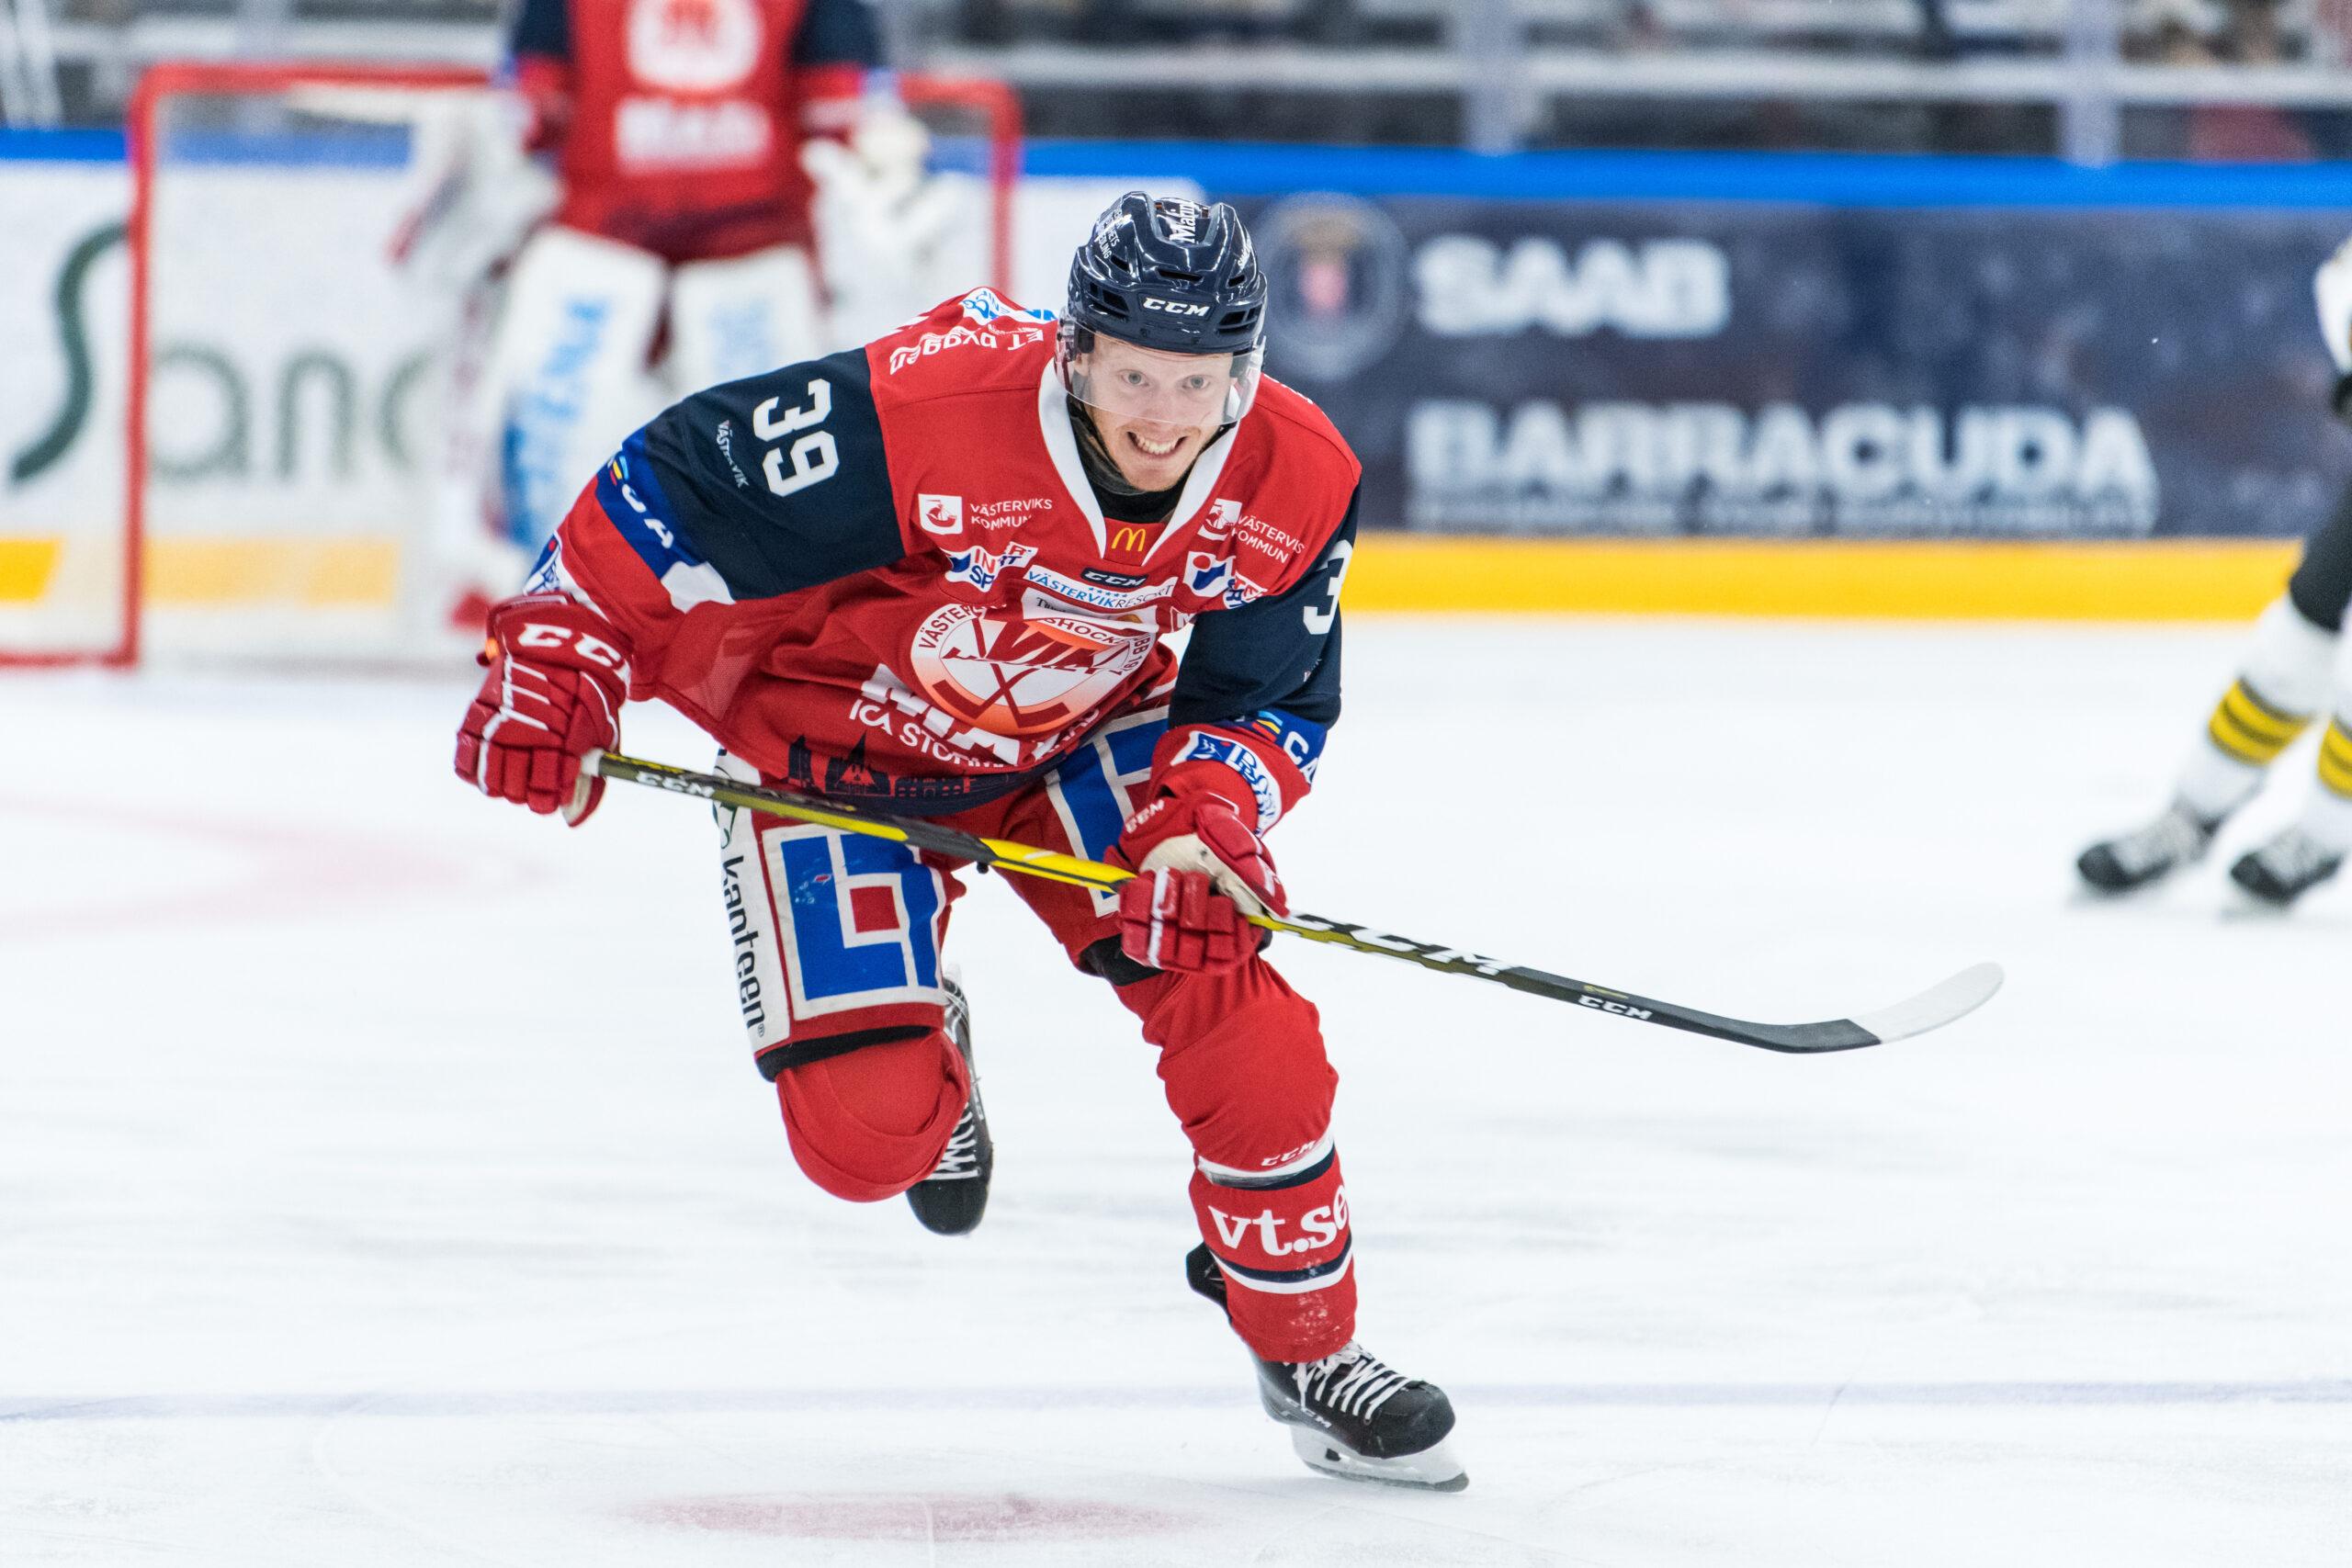 Rutinerade Gustavsson fortsätter i Vimmerby